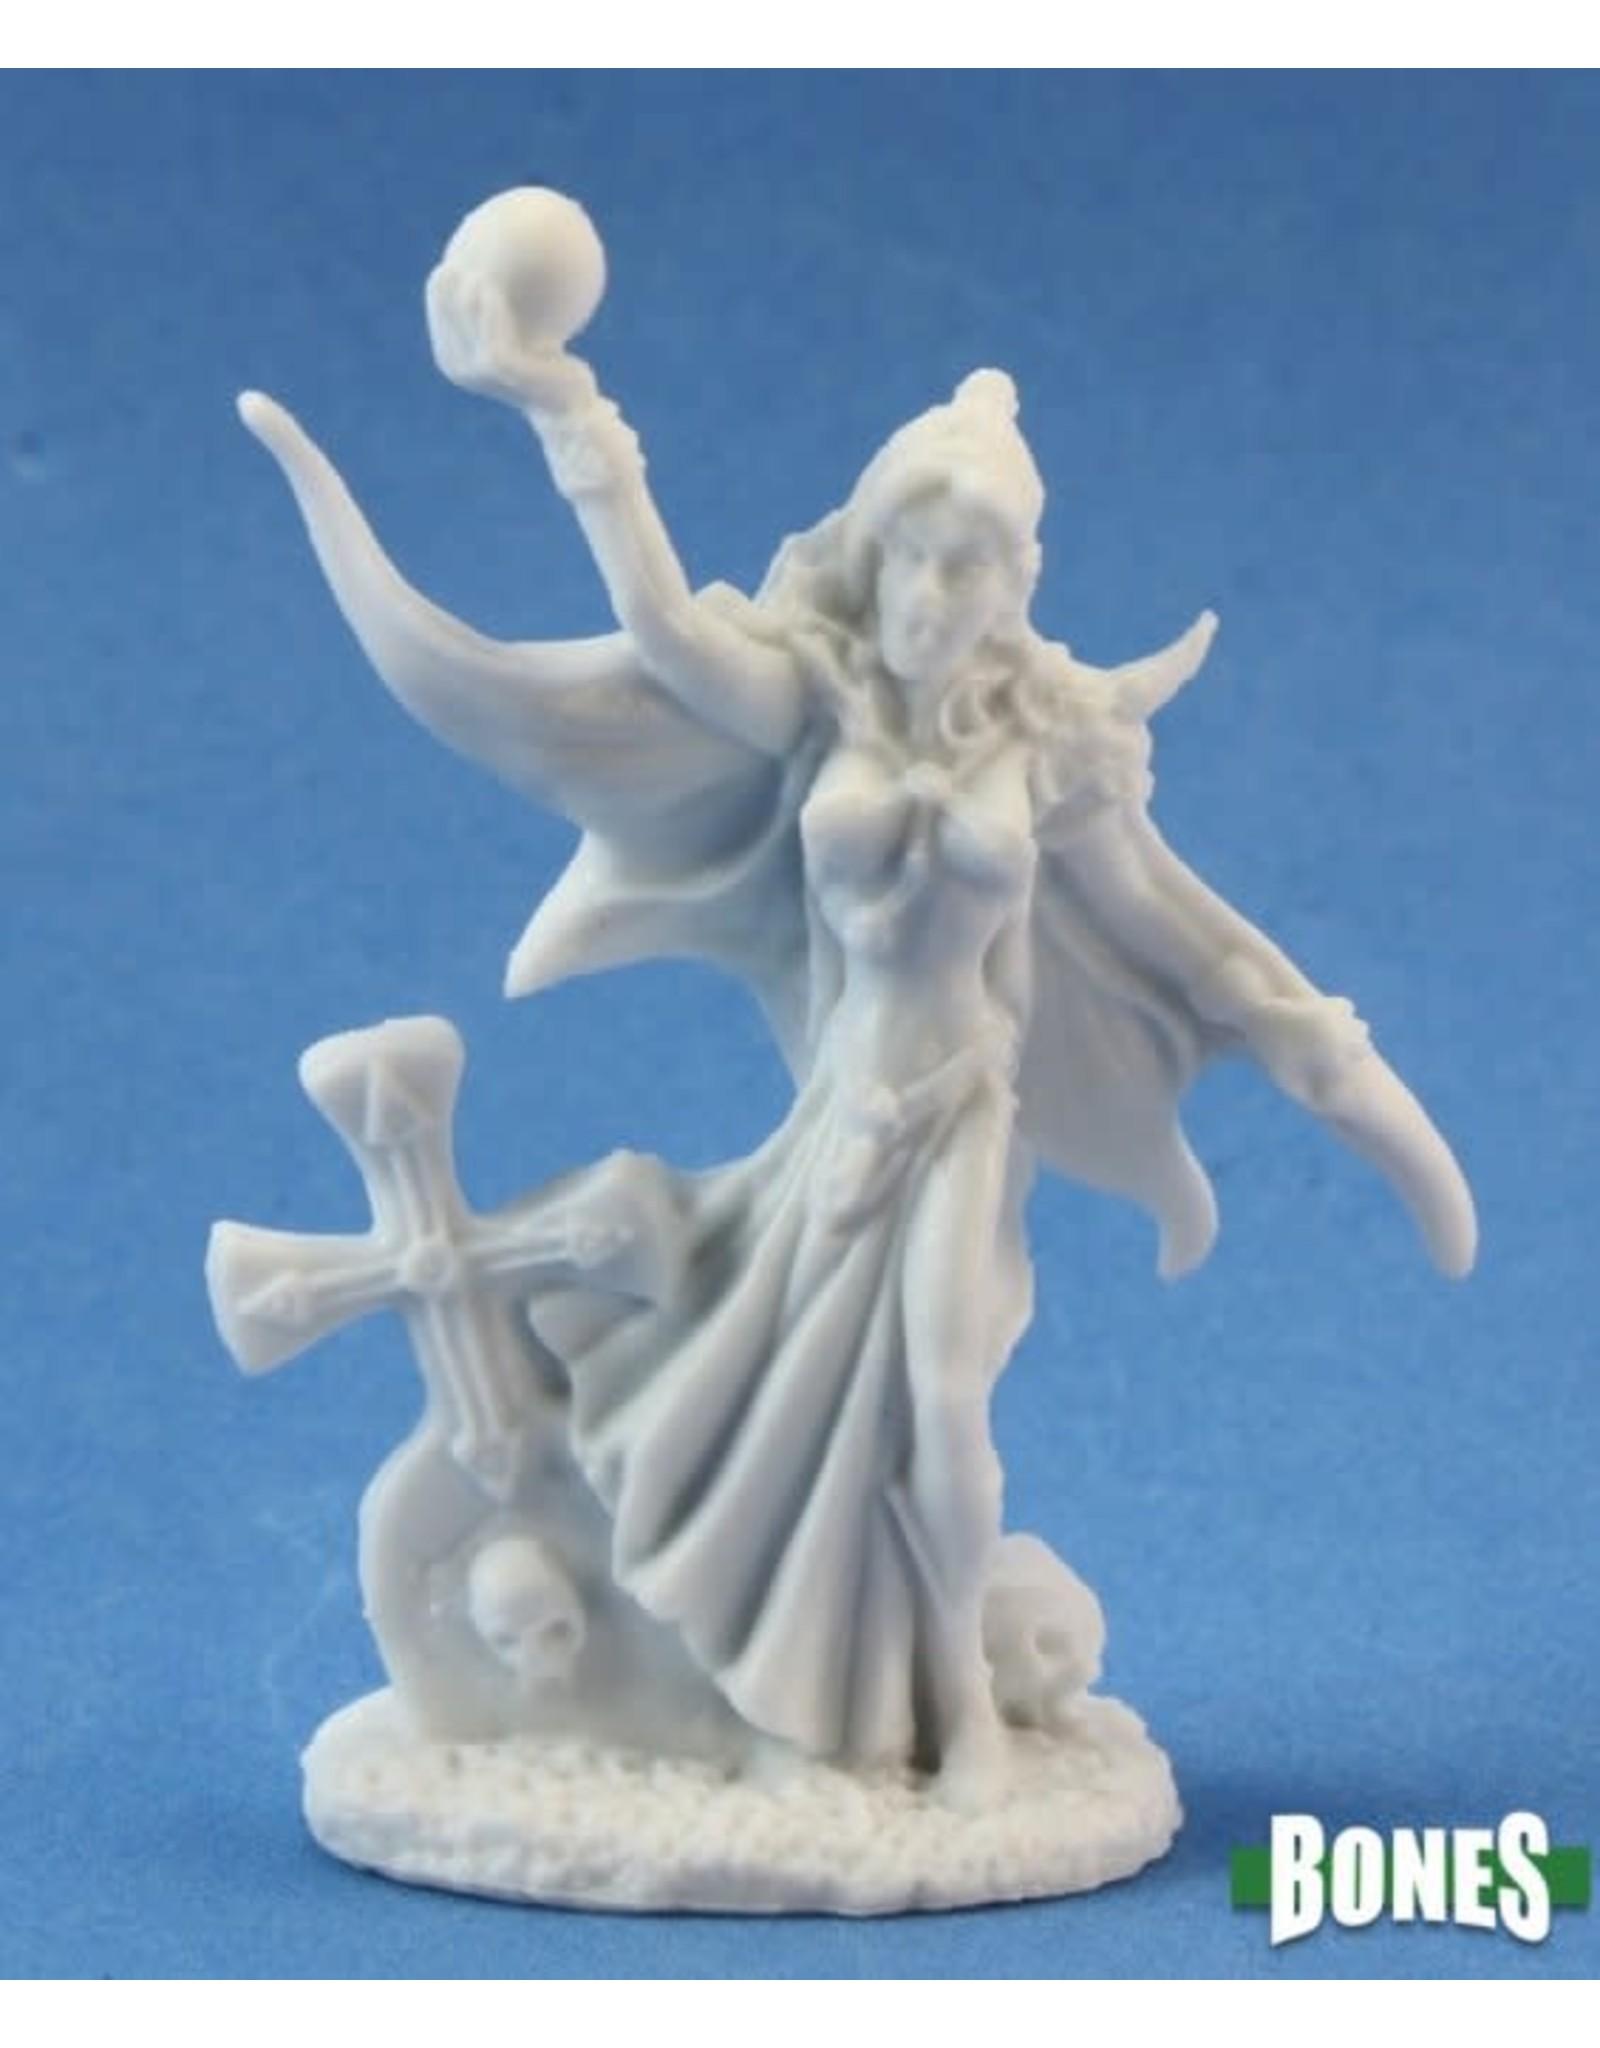 Reaper Miniatures Bones: Female Vampire